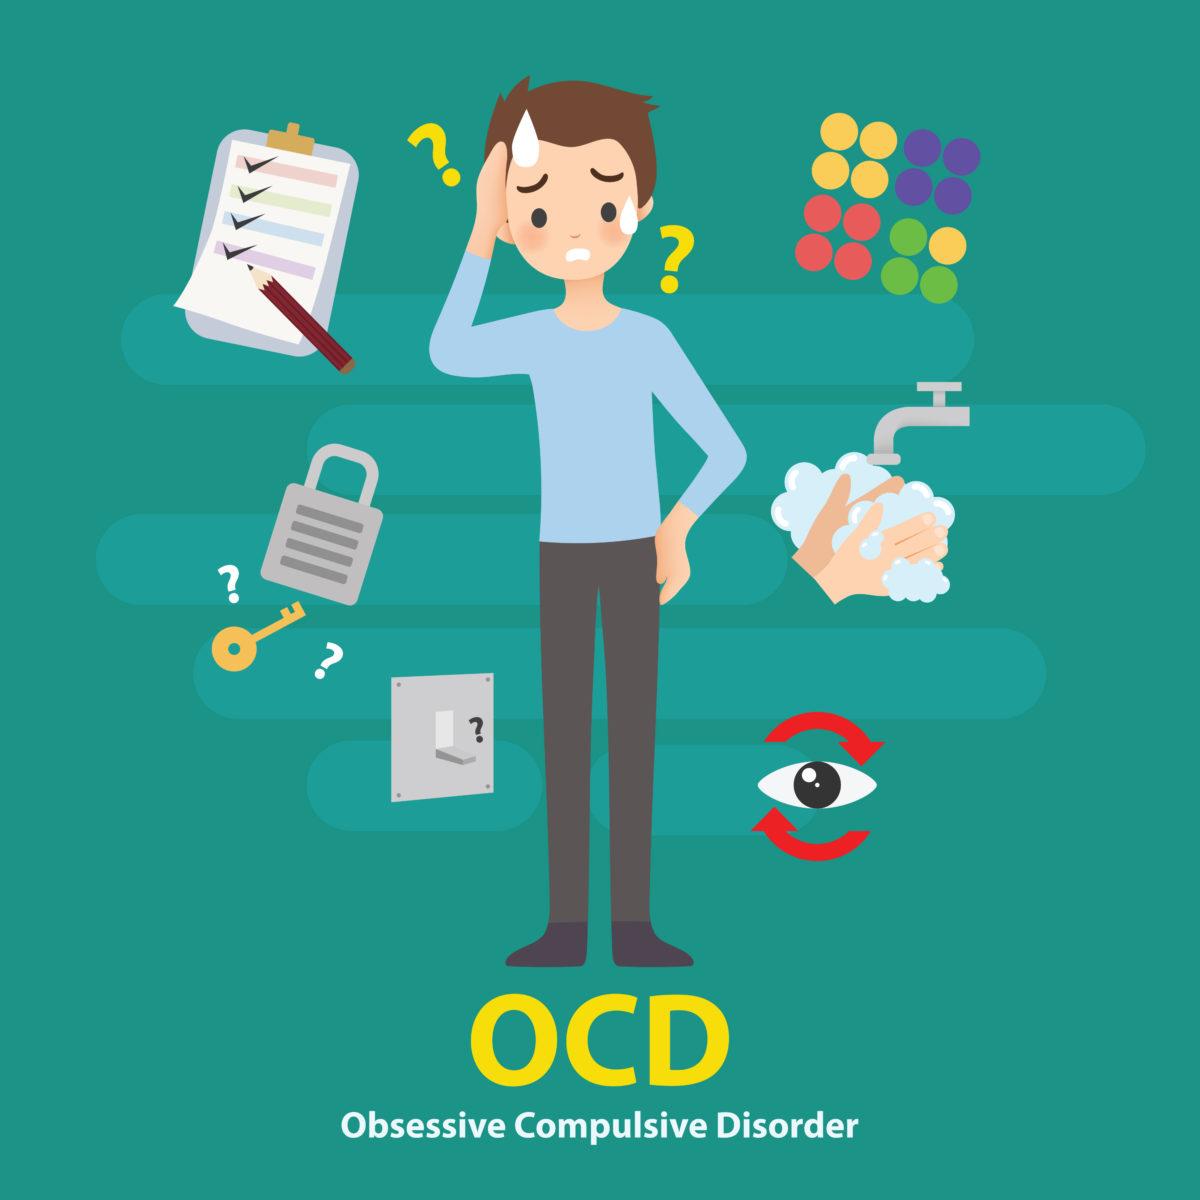 発達障がいとOCD(強迫性障がい)の特徴が似てるって本当?